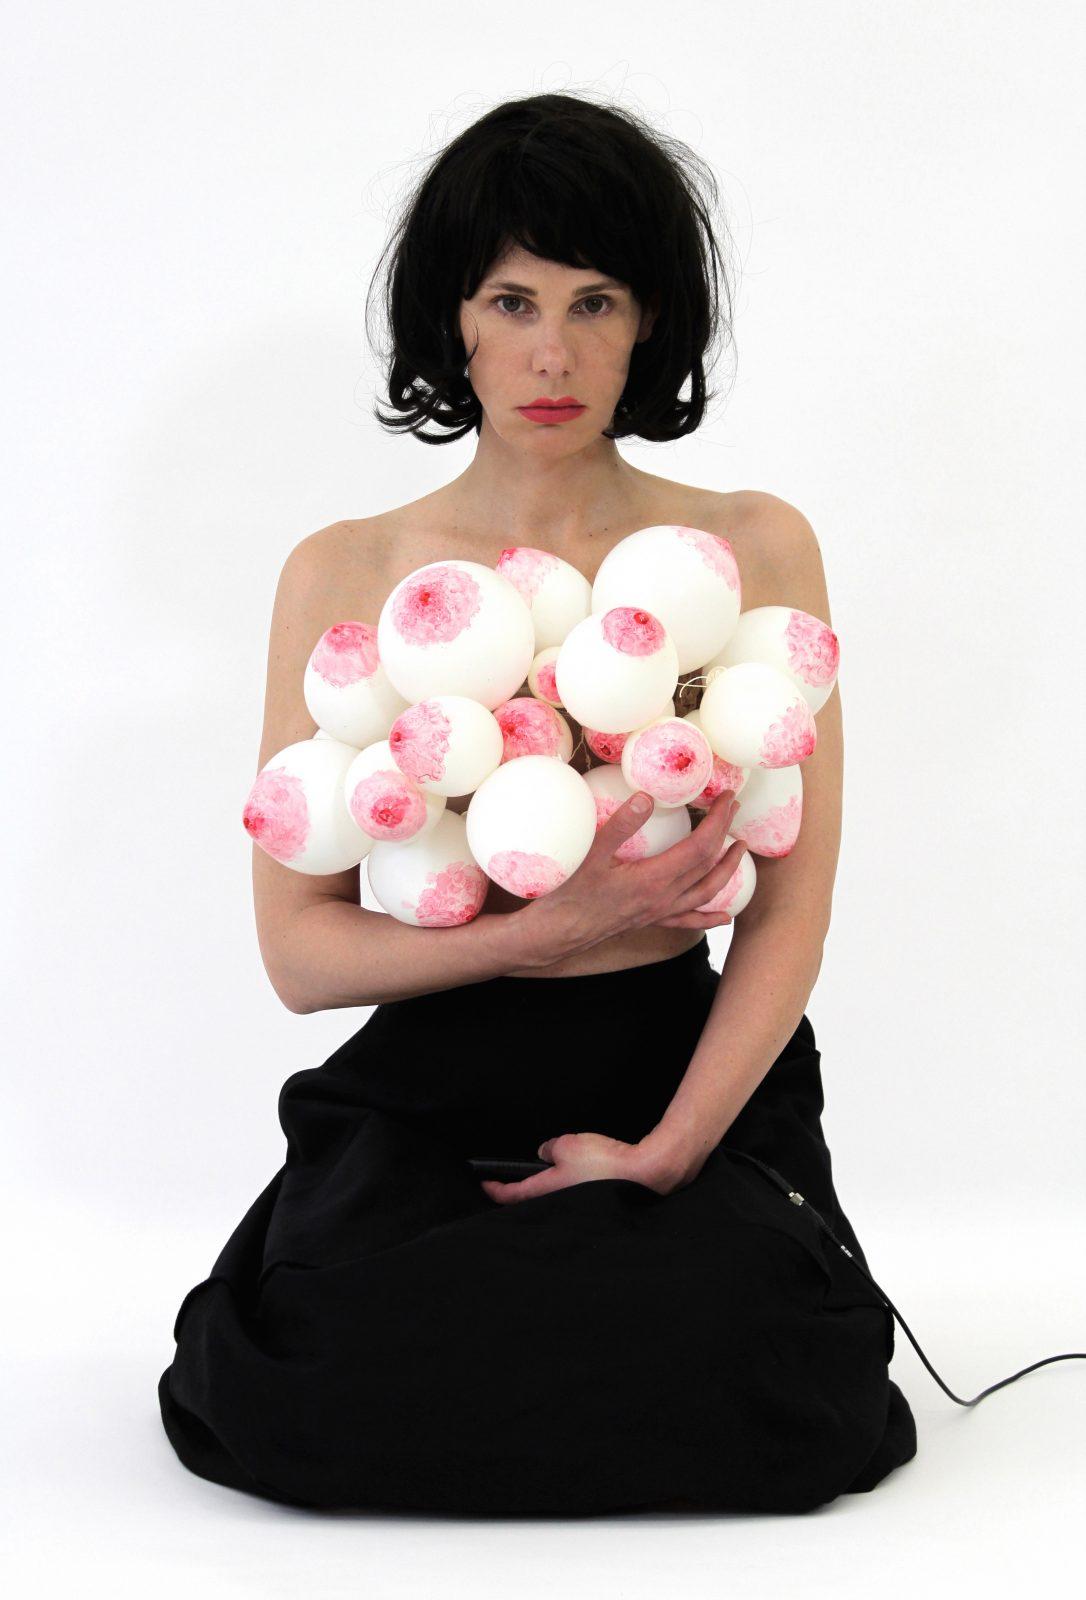 MATRIX FEMININ  HANNA NITSCH @ e.artis contemporary | Chemnitz | Sachsen | Deutschland